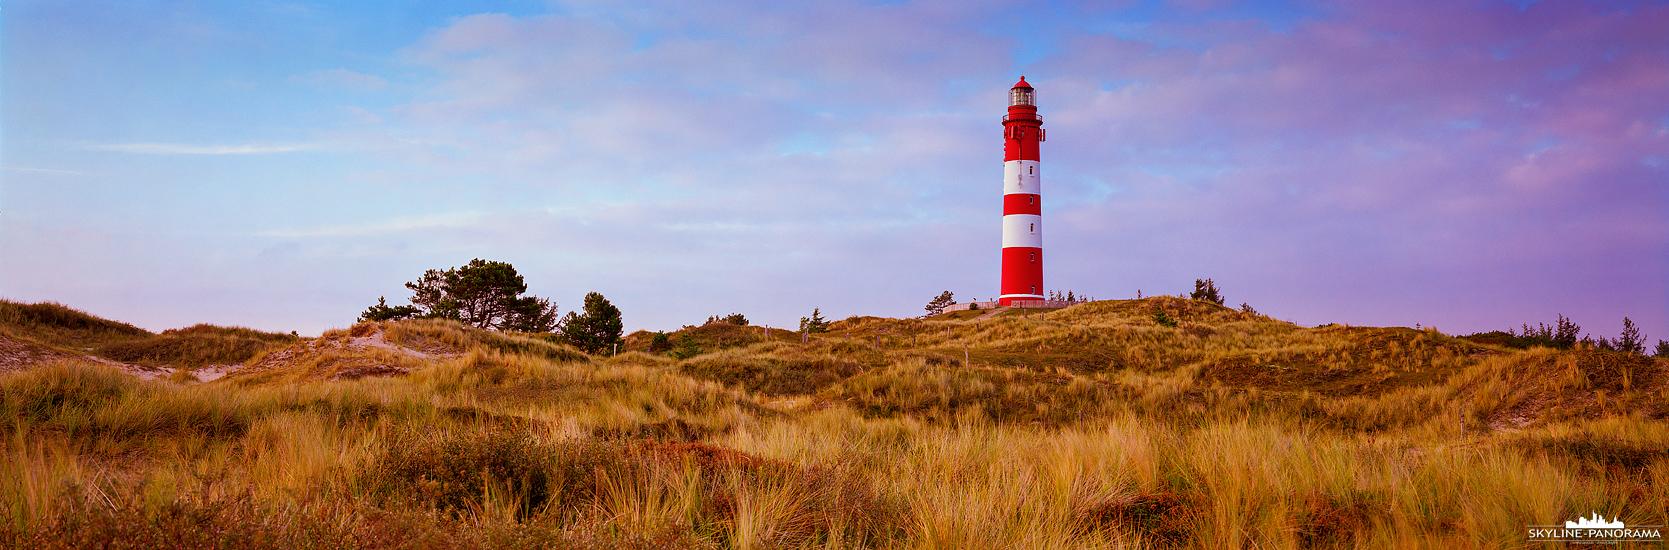 6x17 Panorama Amrum - Der Leuchtturm ist ein Wahrzeichen der Insel Amrum und für viele der Schönste in ganz Nordfiesland, er steht zwischen Wüttdün & Nebel...